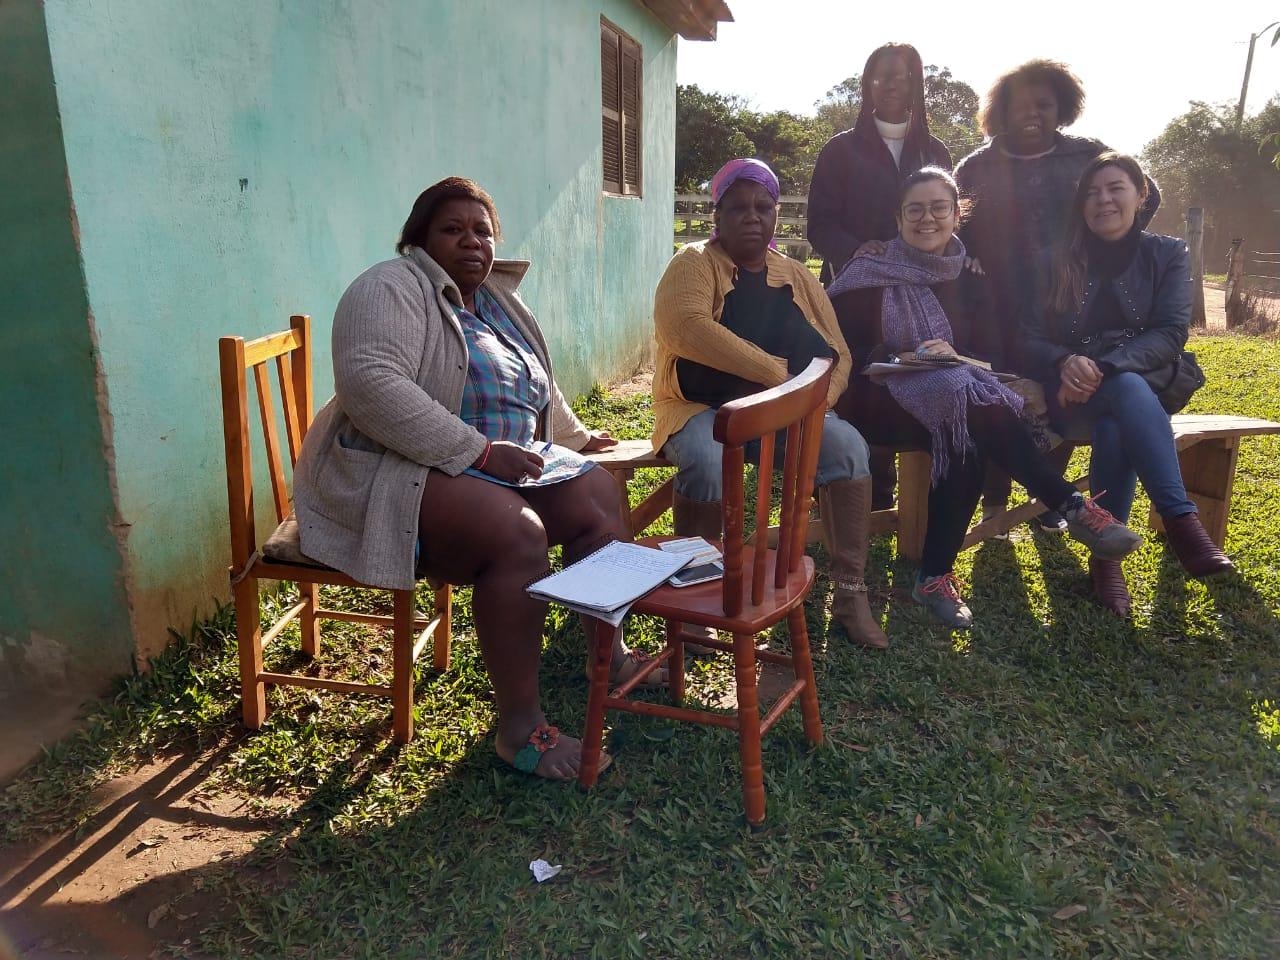 Fundação BB e ONU Mulheres assinam convênio em Porto Alegre para beneficiar agricultura familiar/principios de empoderamento das mulheres ods noticias mulheres rurais mulheres quilombolas direitos humanos direitosdasmulheres